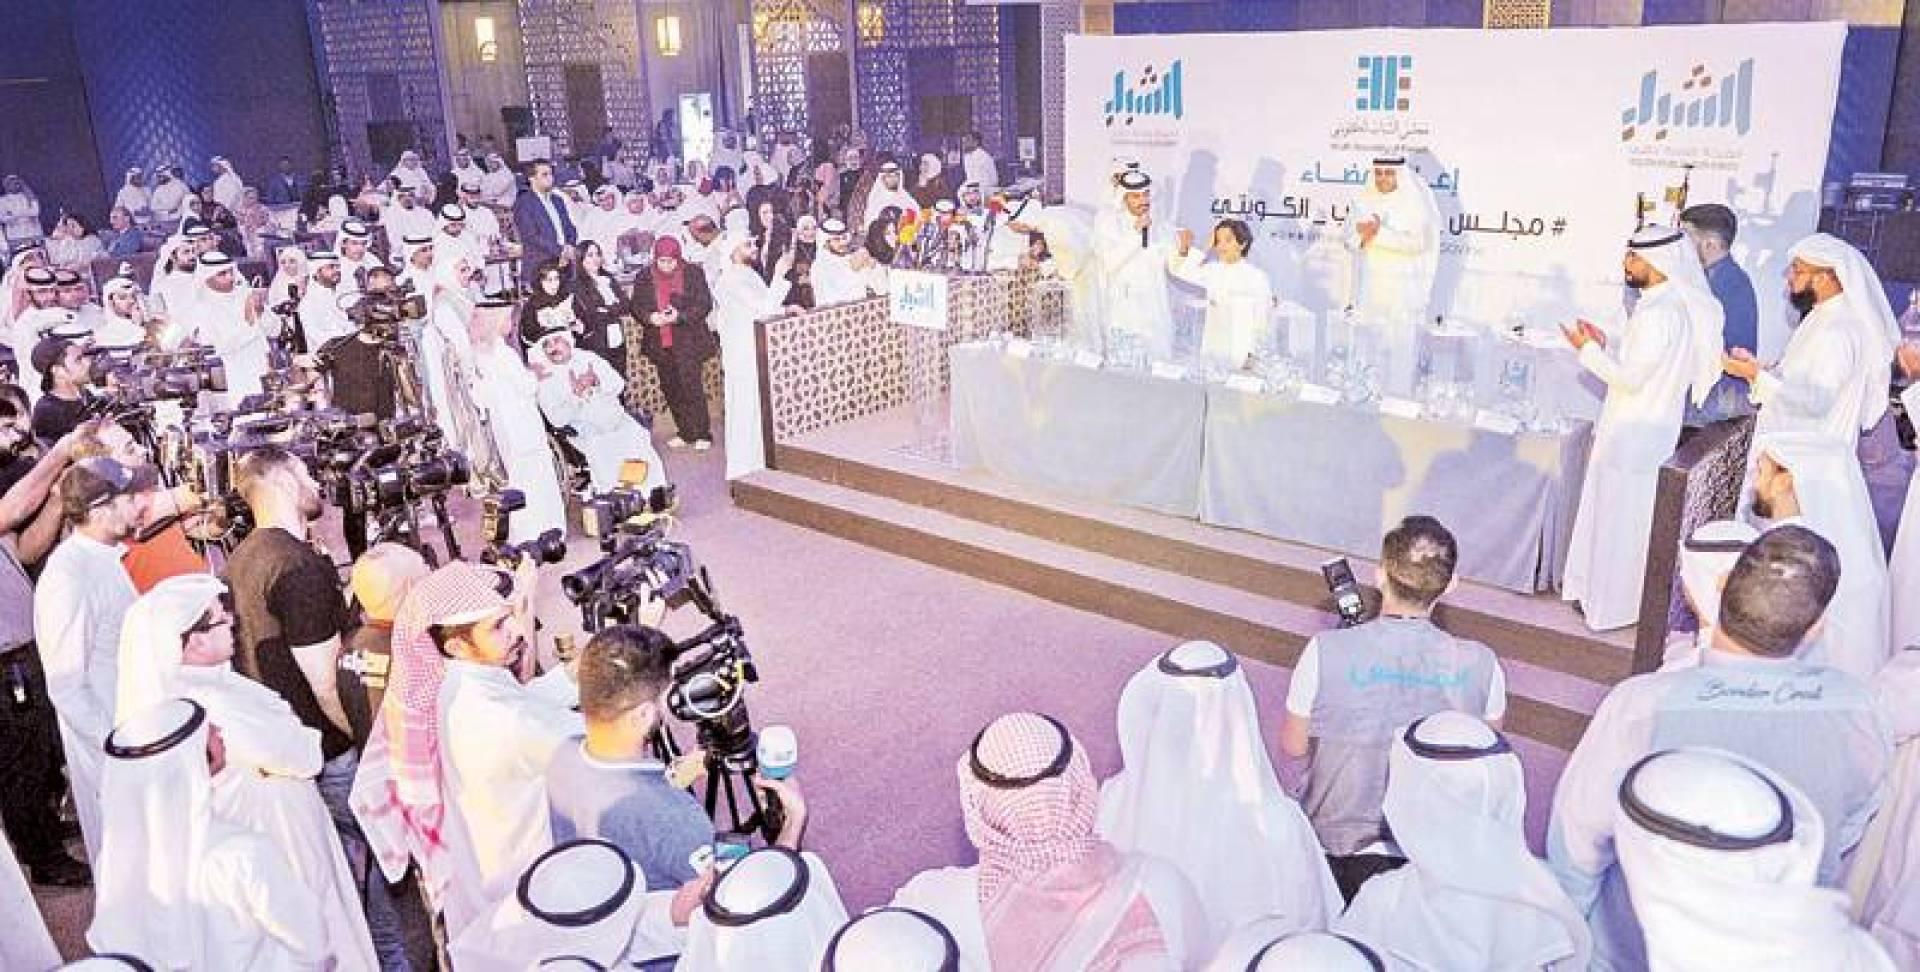 مؤتمر إعلان تشكيل المجلس الشبابي